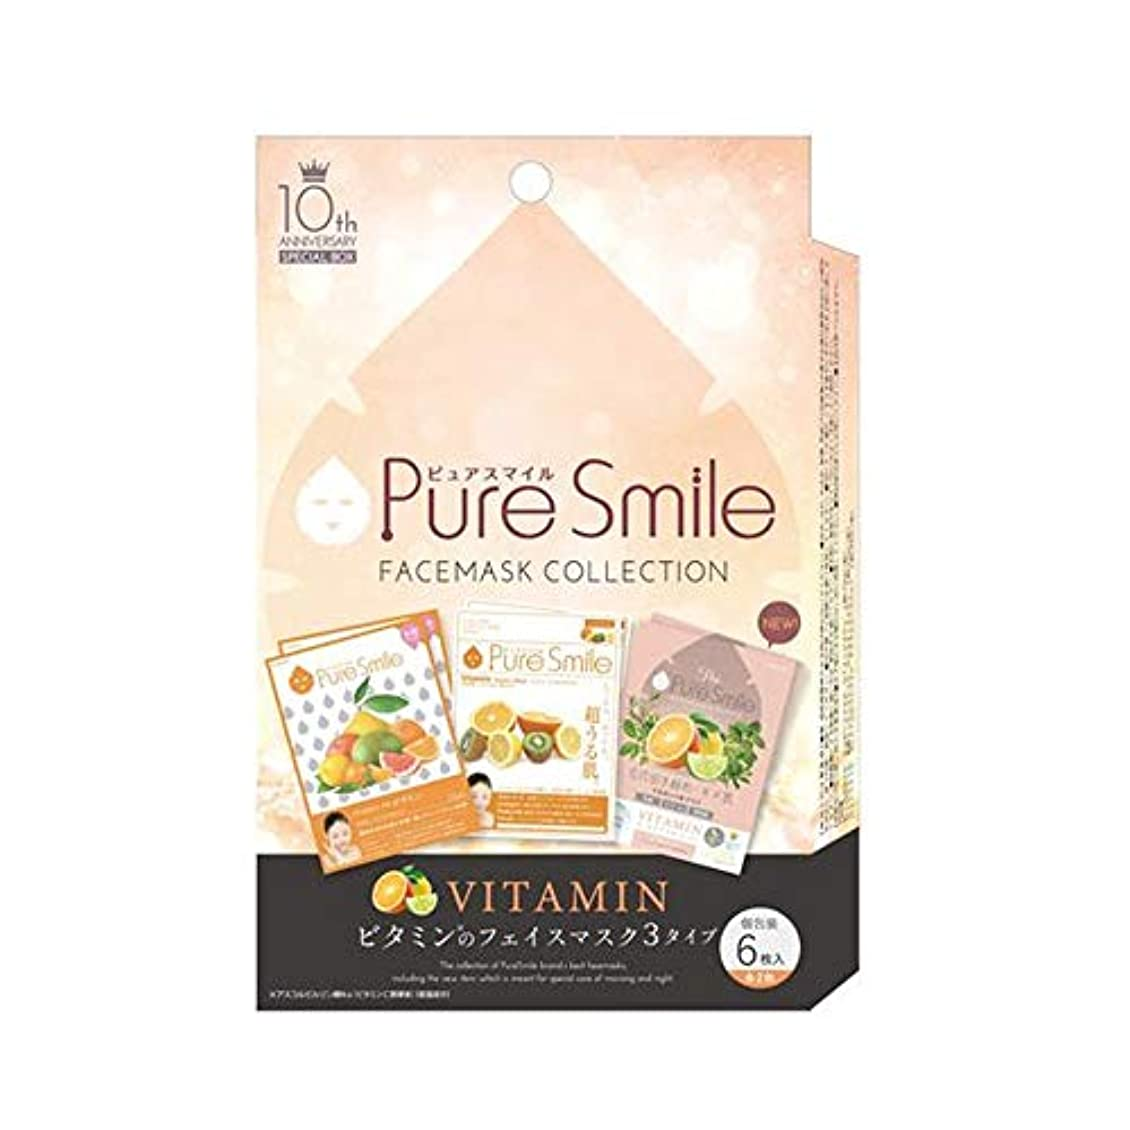 ウォルターカニンガム悪因子狂ったピュア スマイル Pure Smile 10thアニバーサリー スペシャルボックス ビタミン 6枚入り